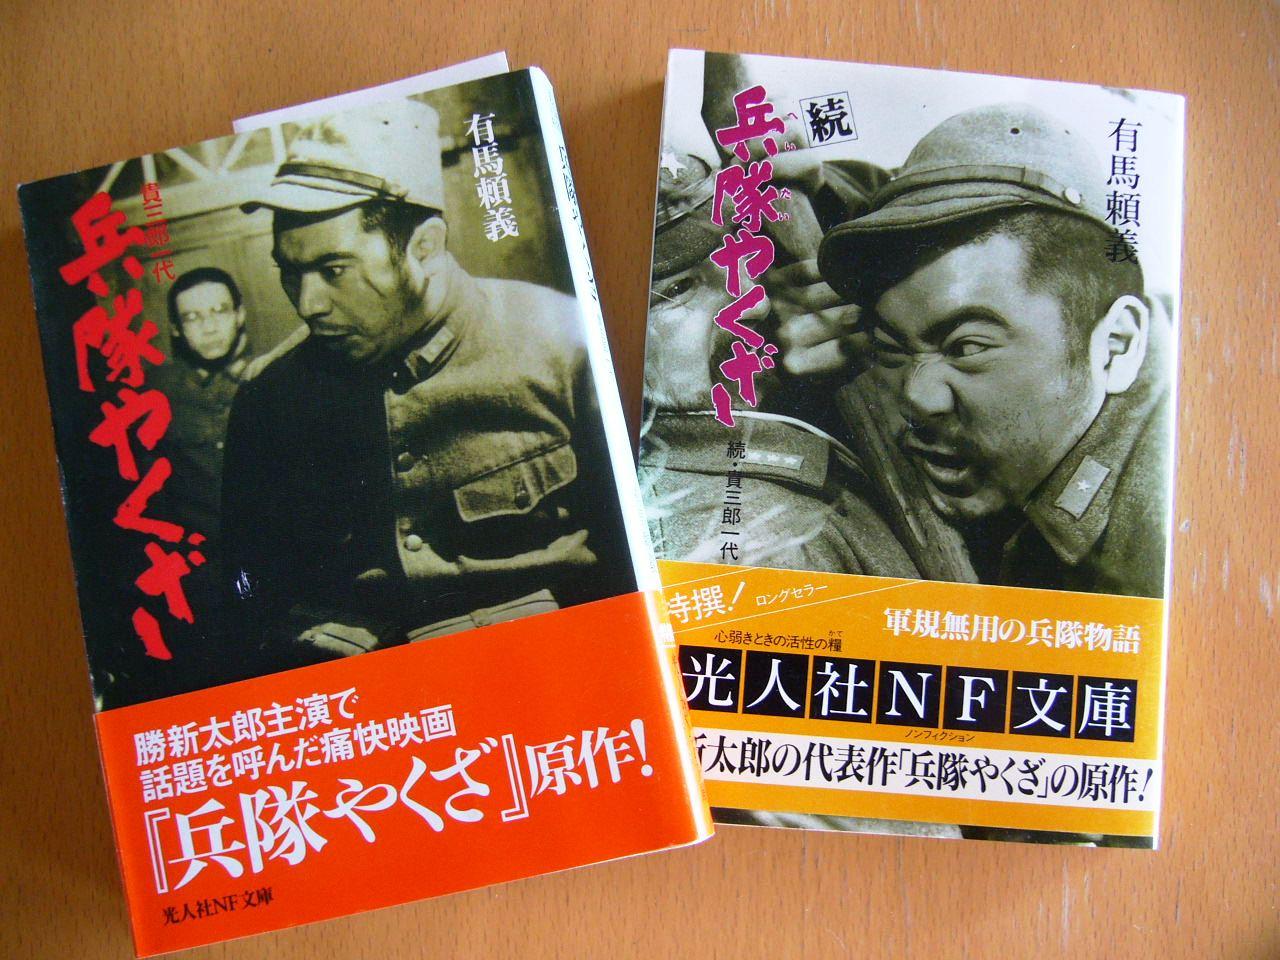 岡田ひかりさんの画像その3